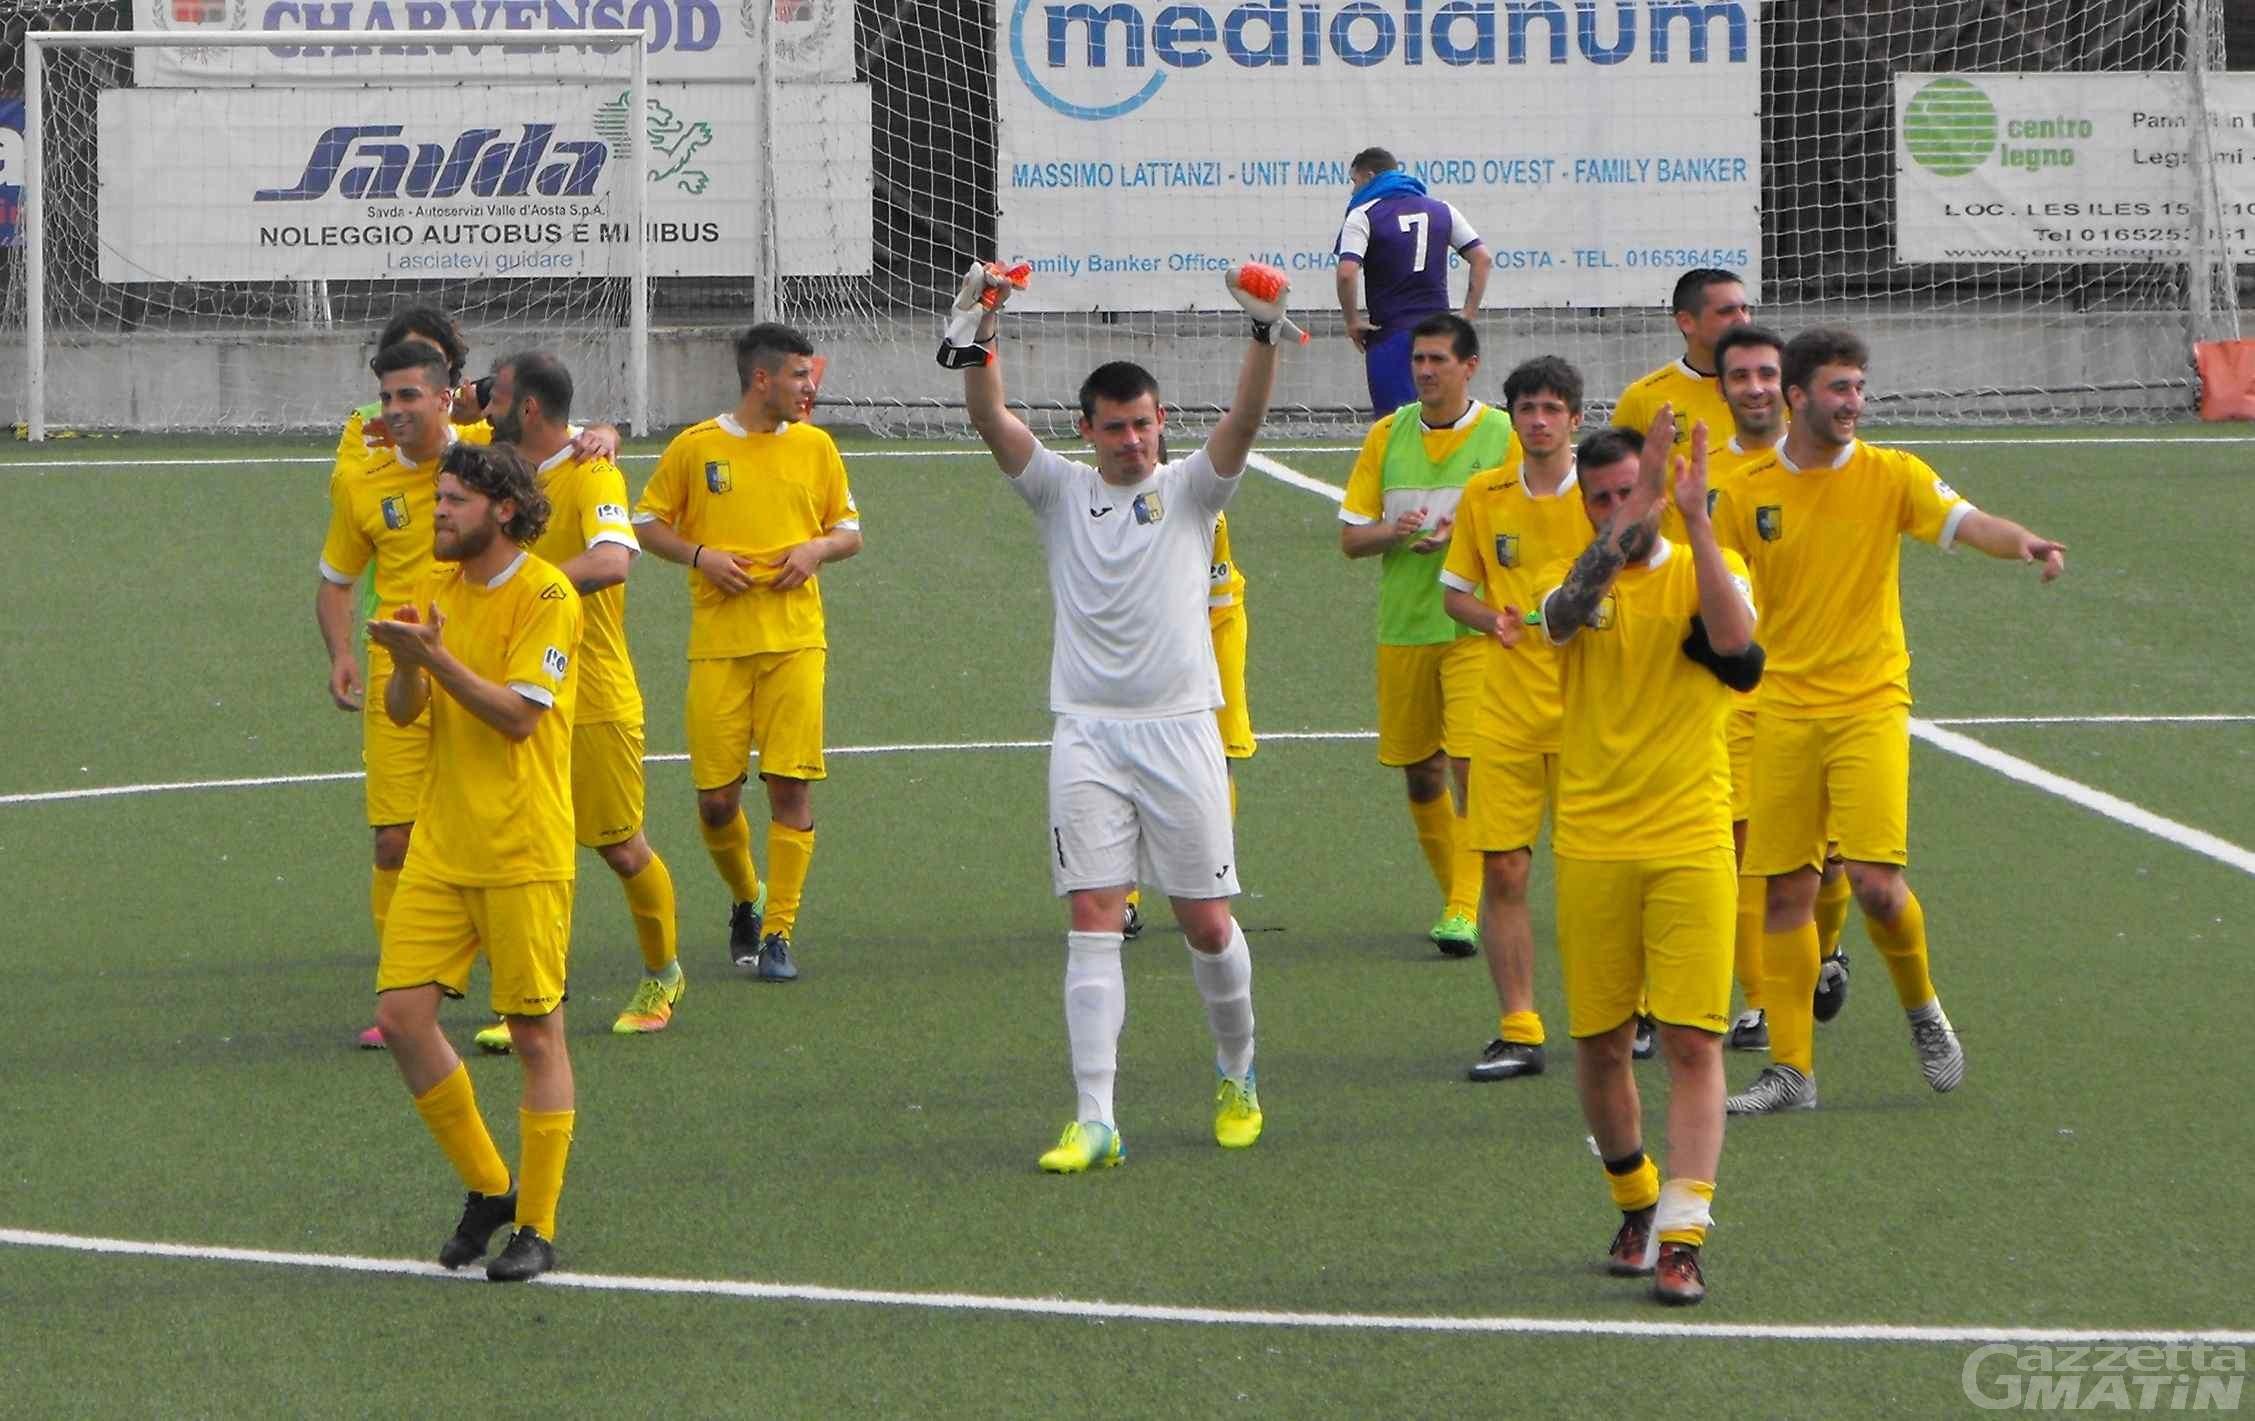 Calcio: lo Charvensod batte il Settimo e avanza